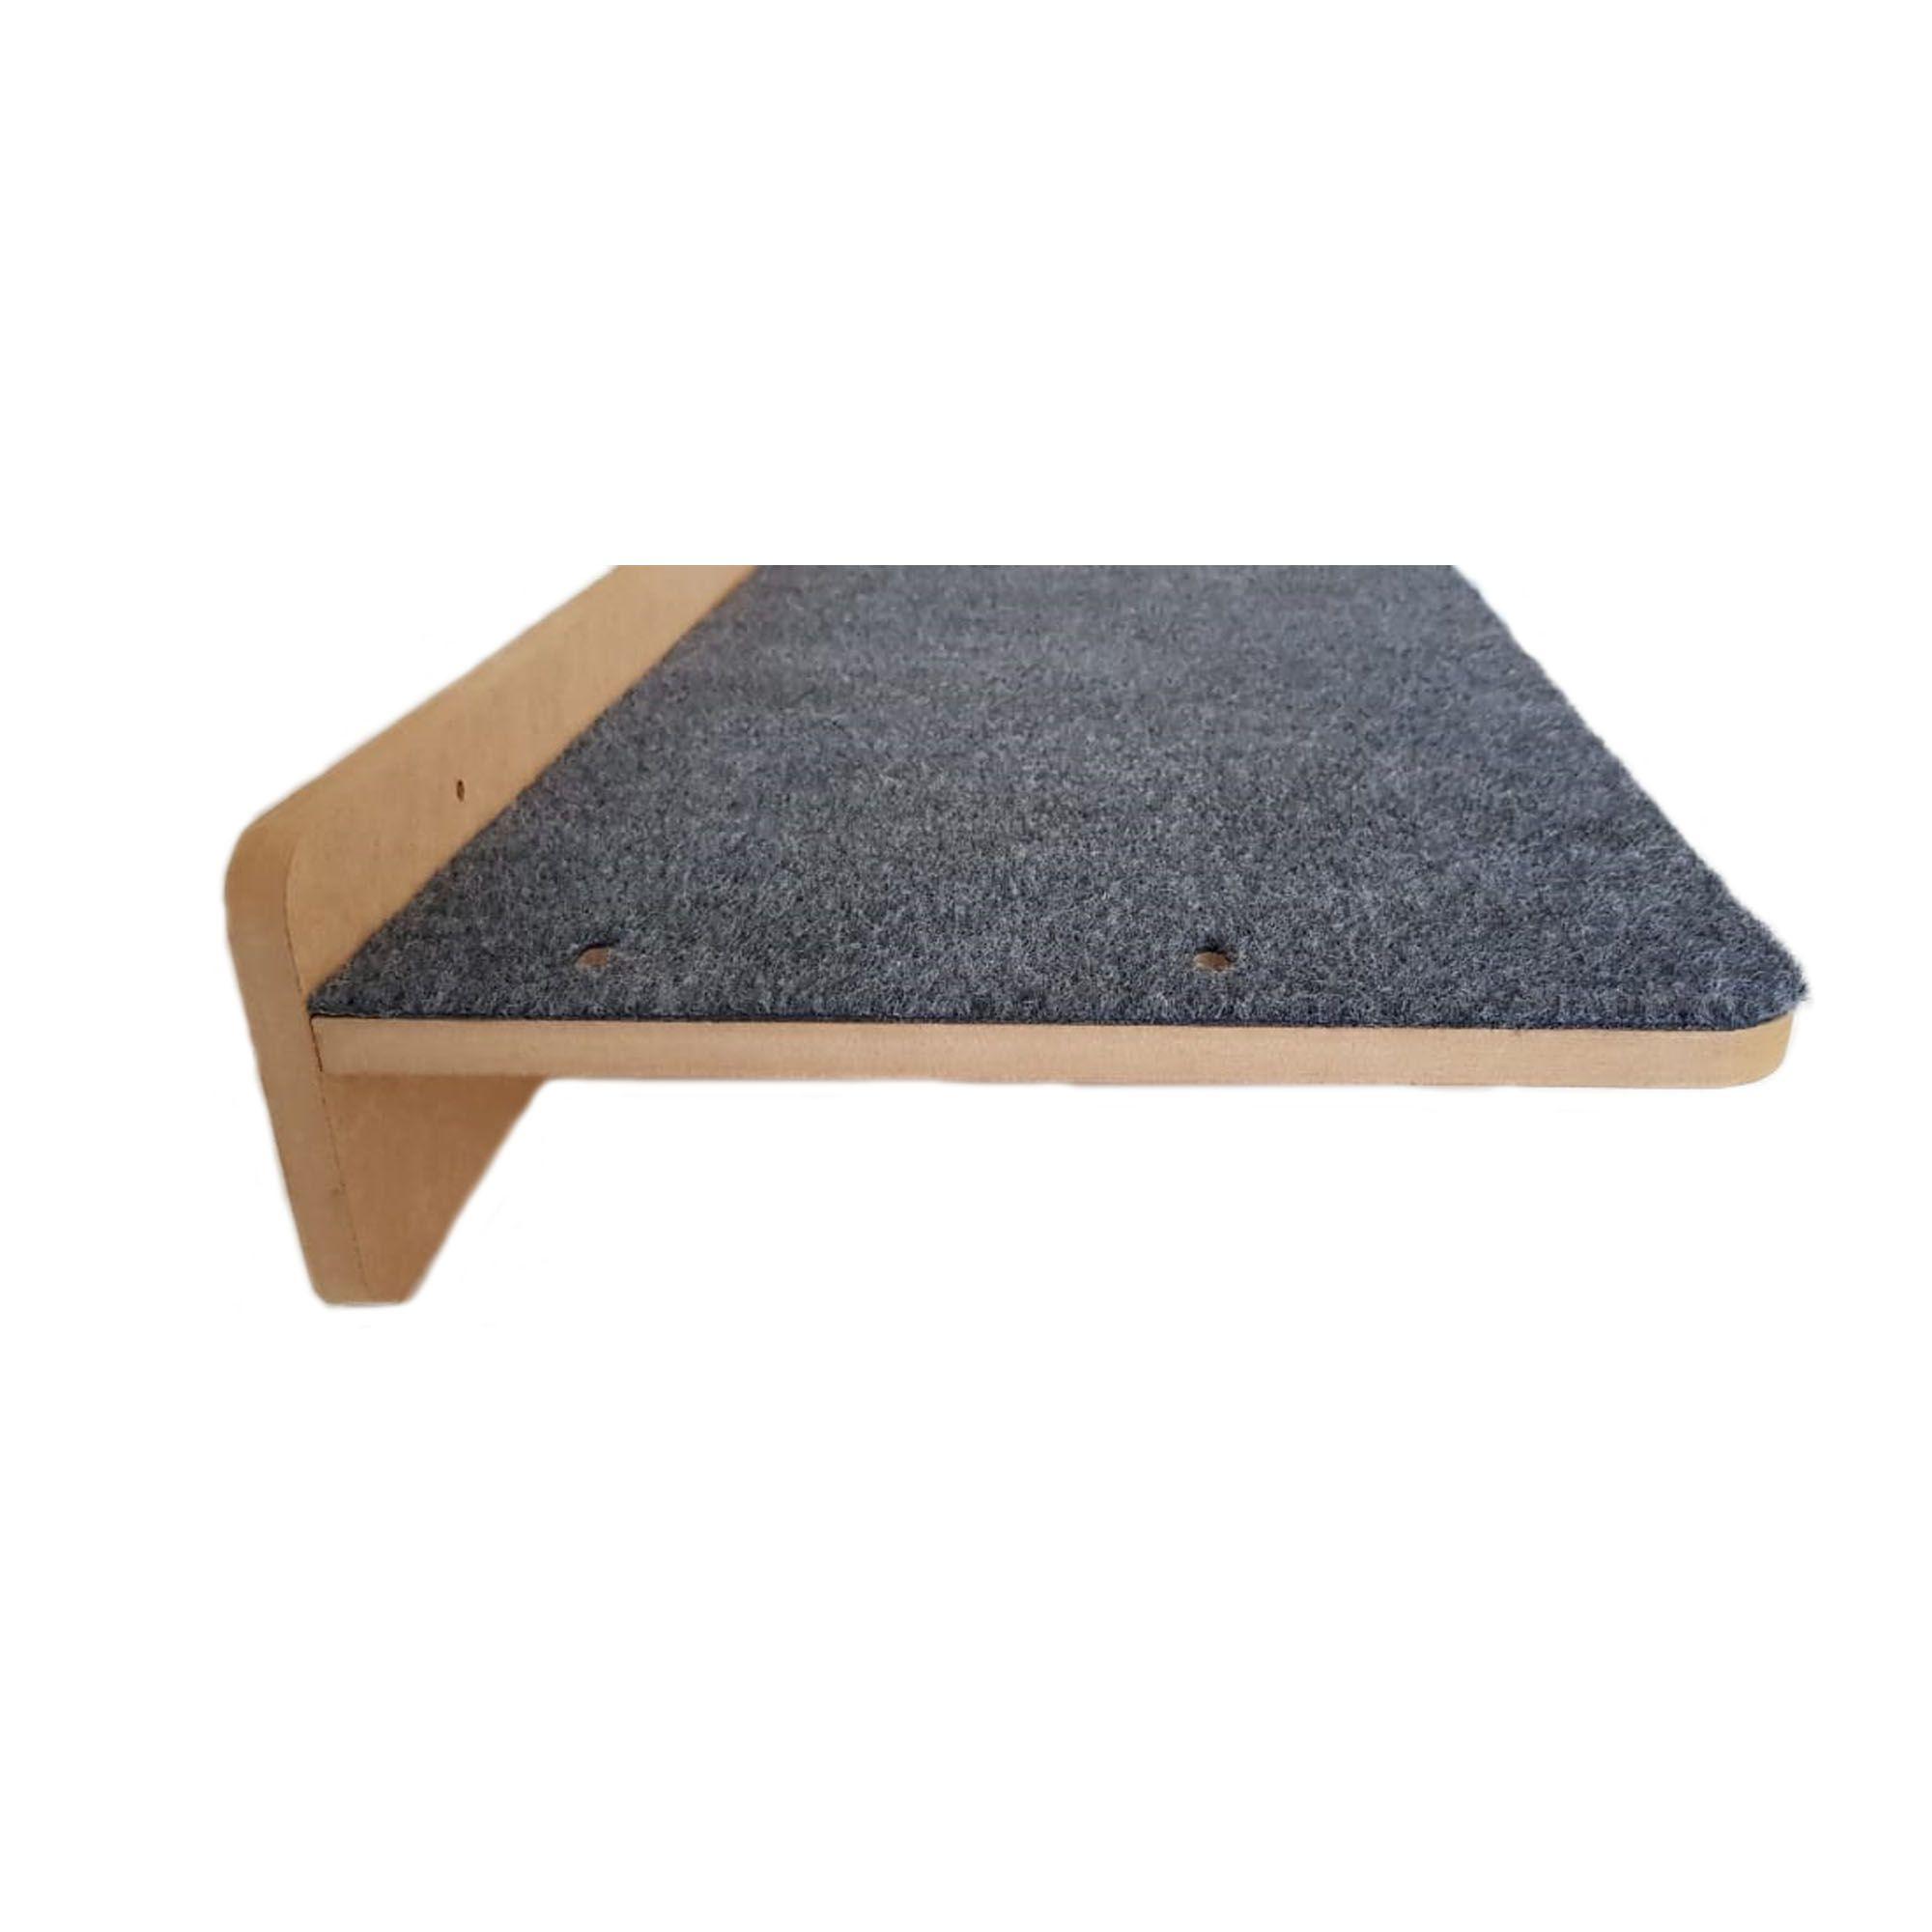 Prateleira com Arranhador Em Carpete 60x35 para Gato Gatos Pet em MDF 15mm